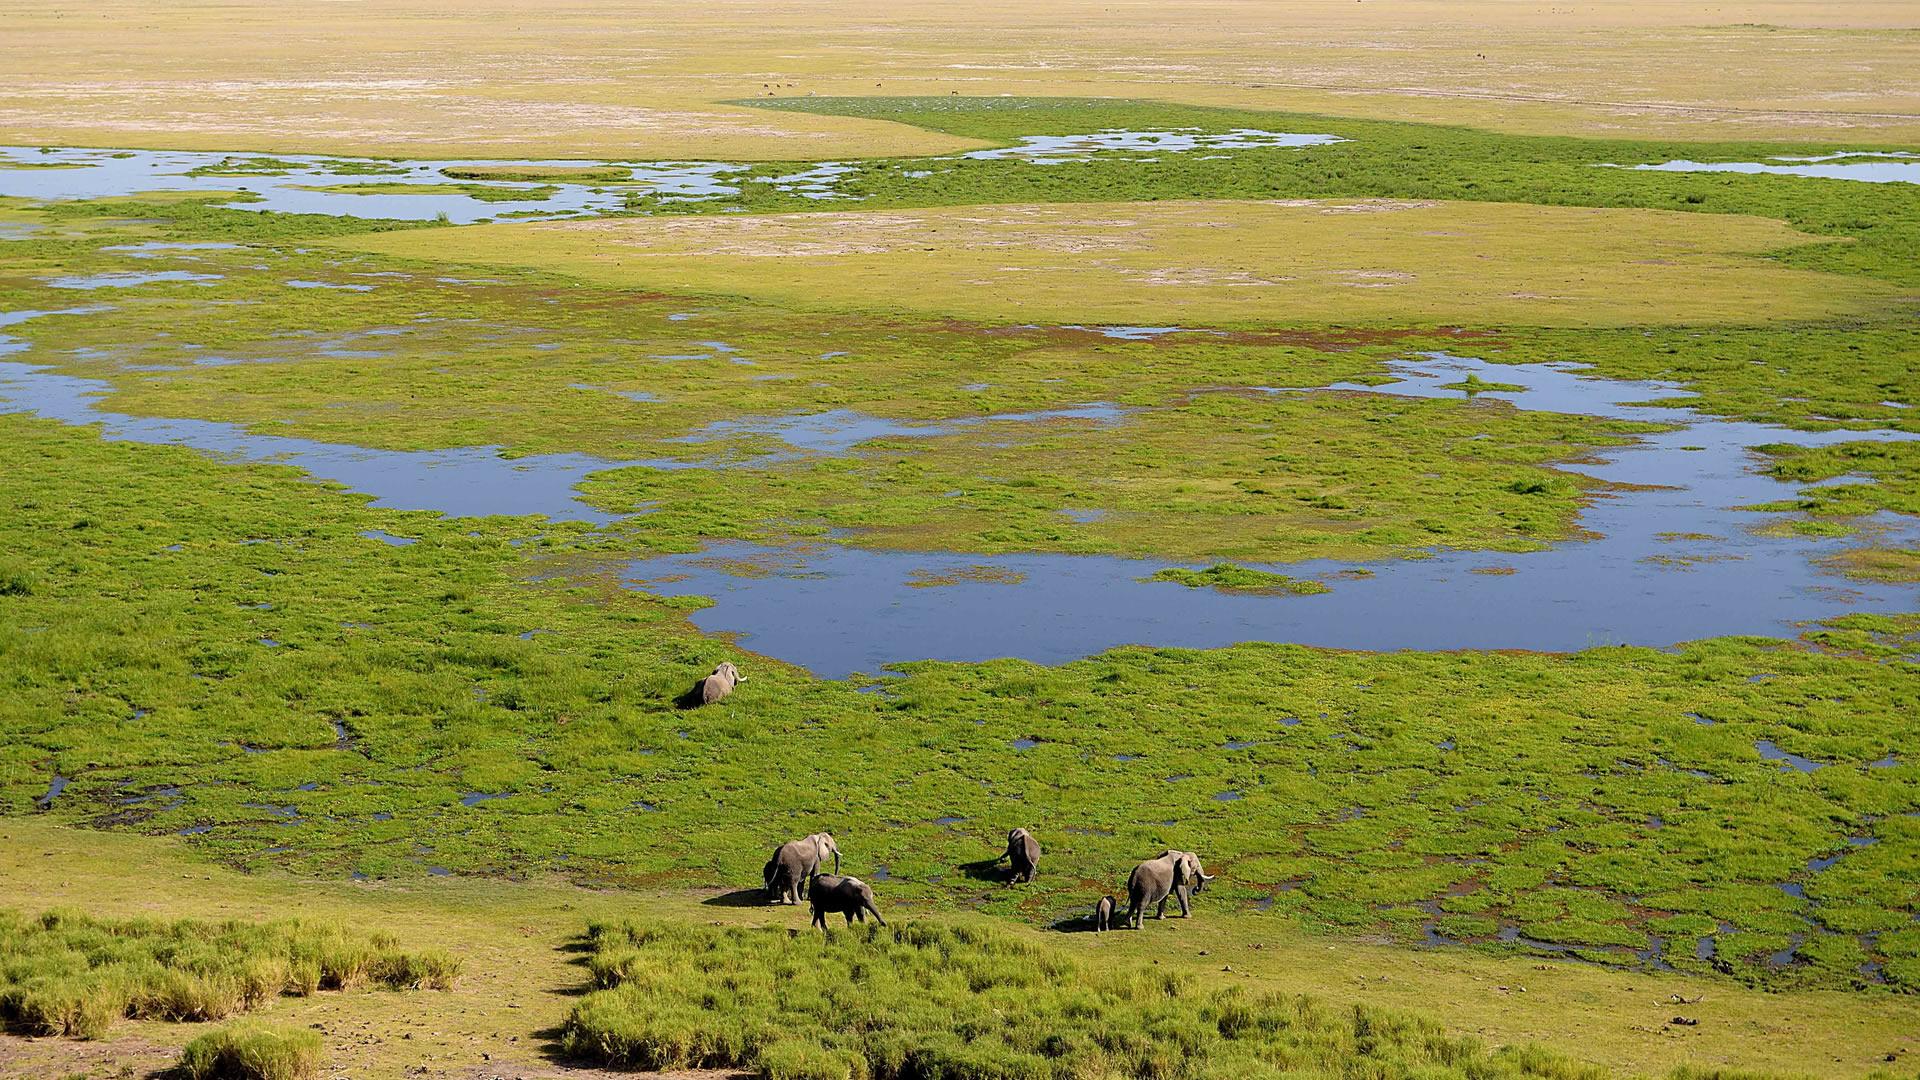 4 Days Kenya Safari to Amboseli & Tsavo West